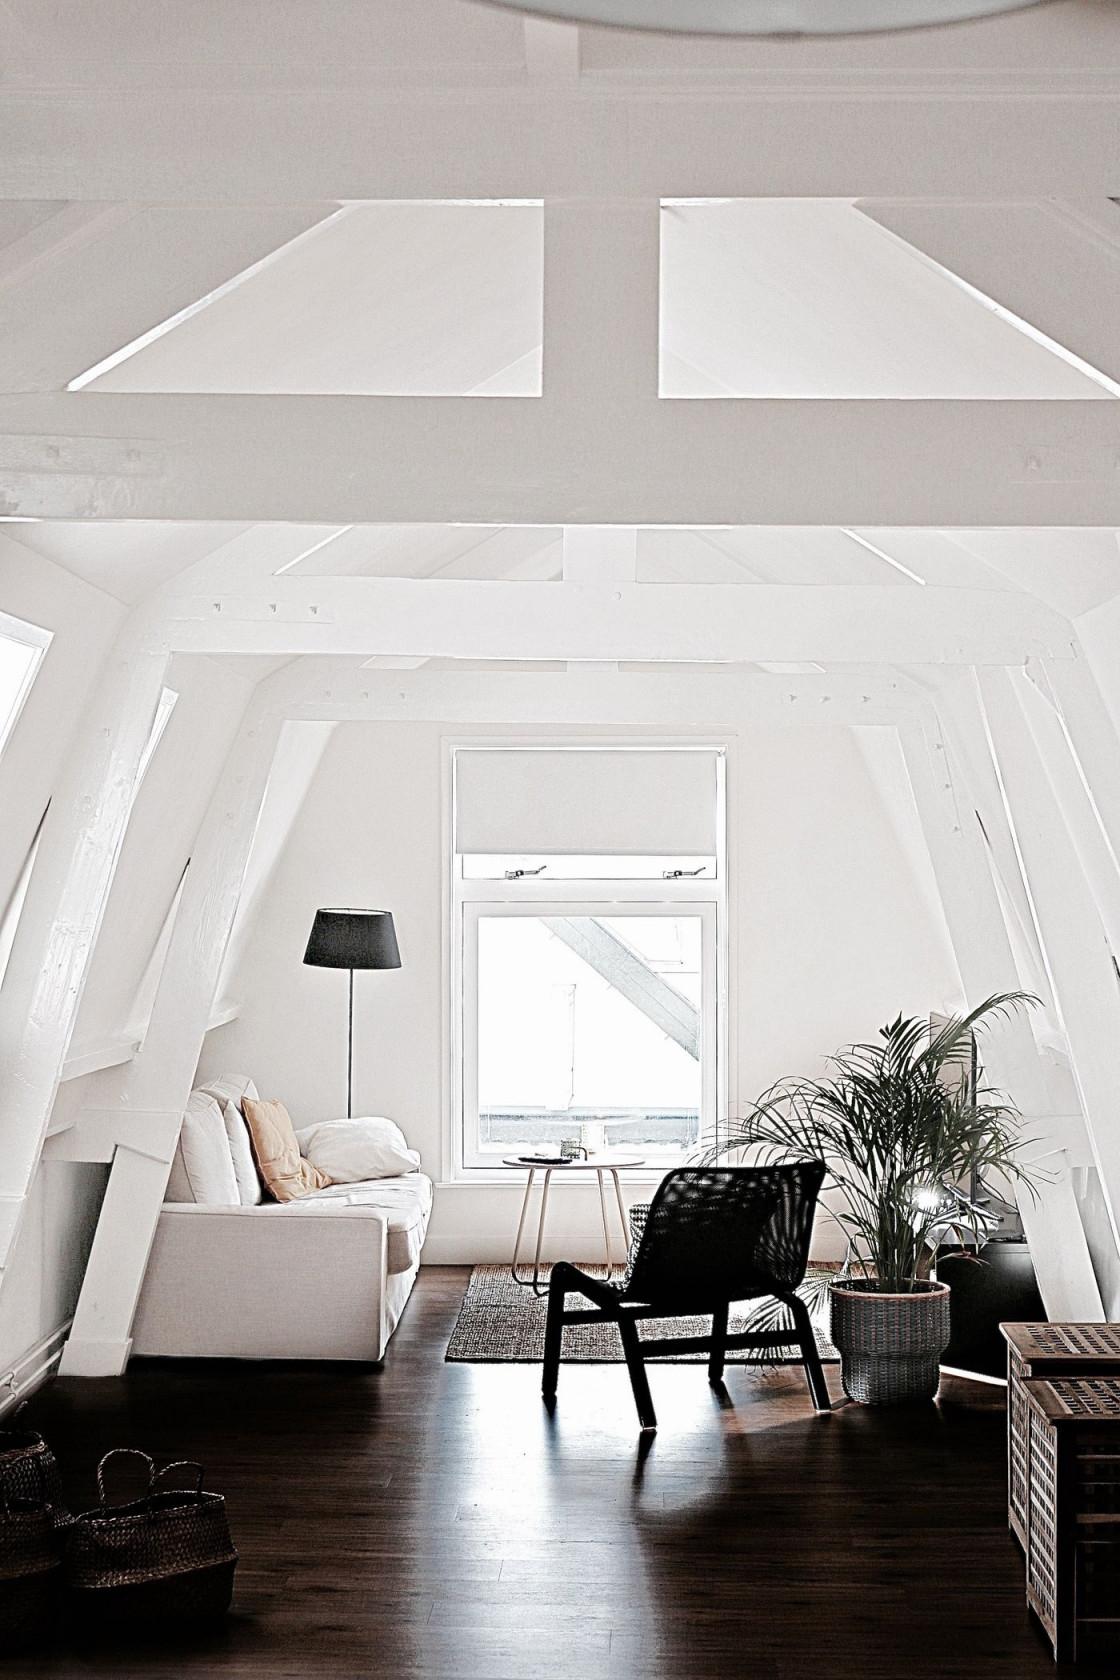 Ideen Für Deine Wohnung Im Dachgeschoss Mit Dachschrägen von Wohnzimmer Ideen Dachgeschoss Photo